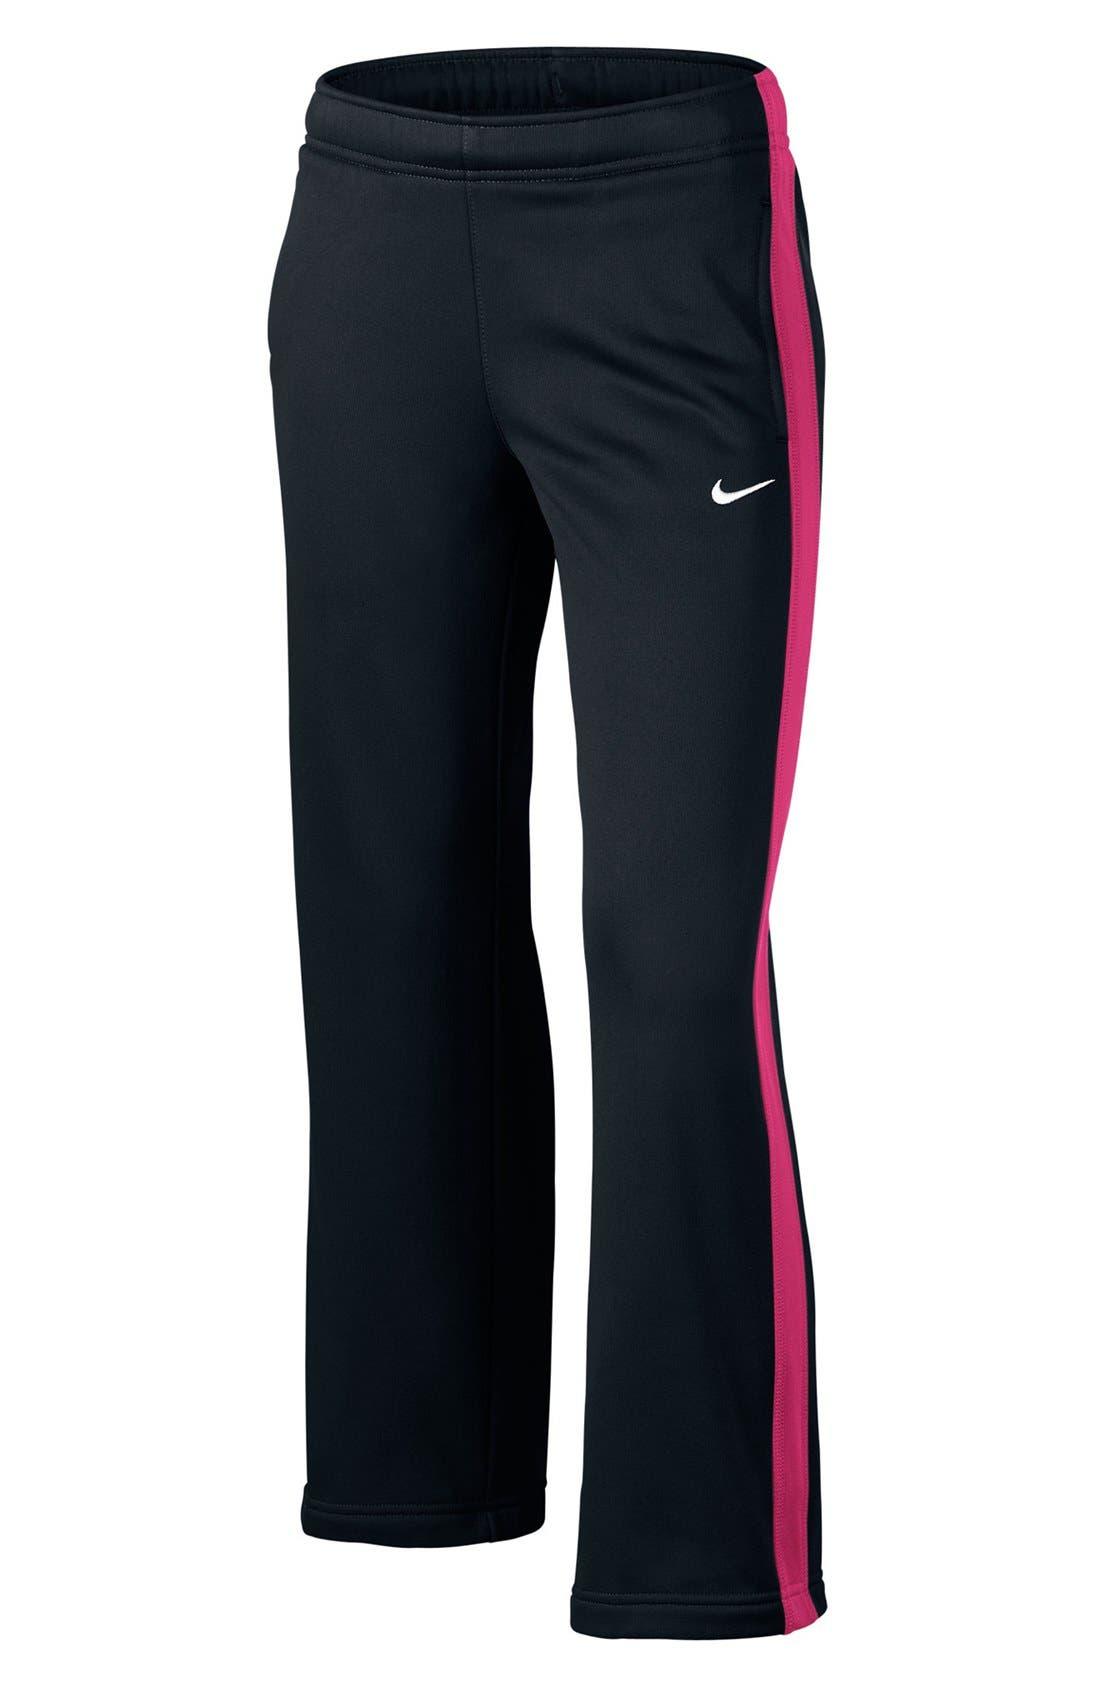 Alternate Image 1 Selected - Nike 'KO' Fleece Pants (Little Girls & Big Girls)